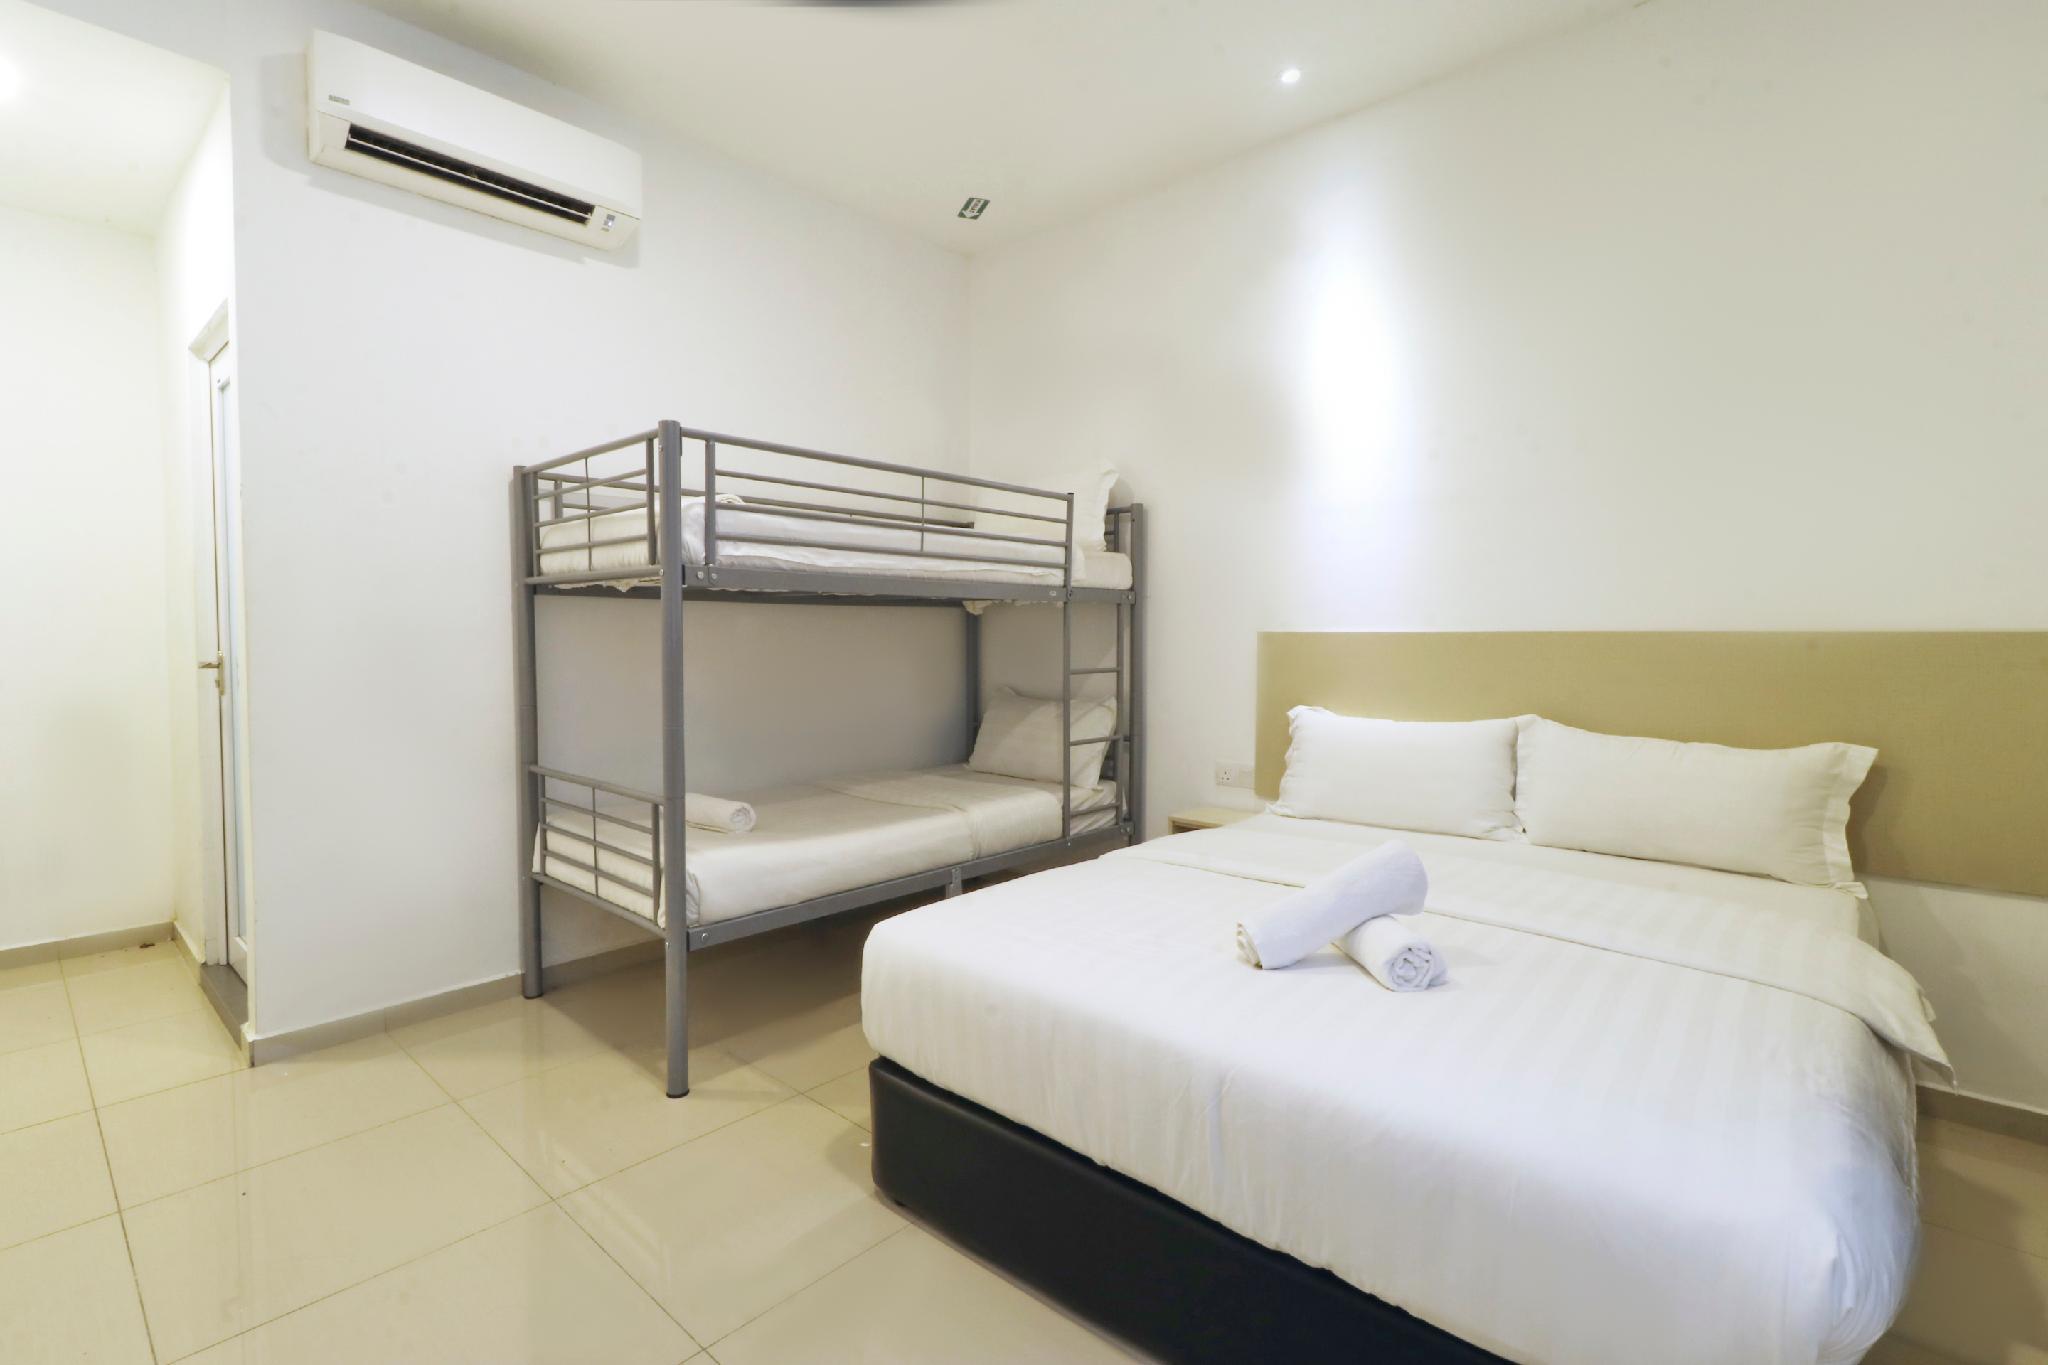 IKON Hotel Sepang At KLIA255 and KLIA25  Kuala Lumpur 250250 UPDATED